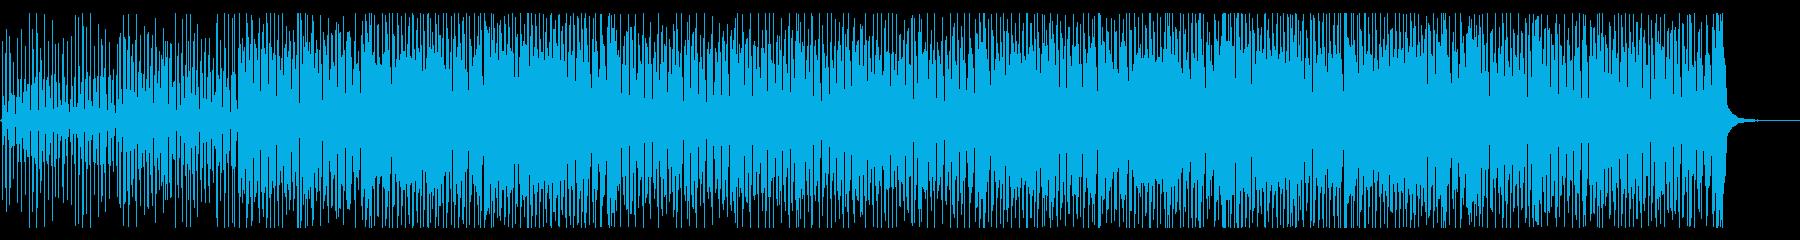 陽気でアコースティックなコンセプト系の再生済みの波形